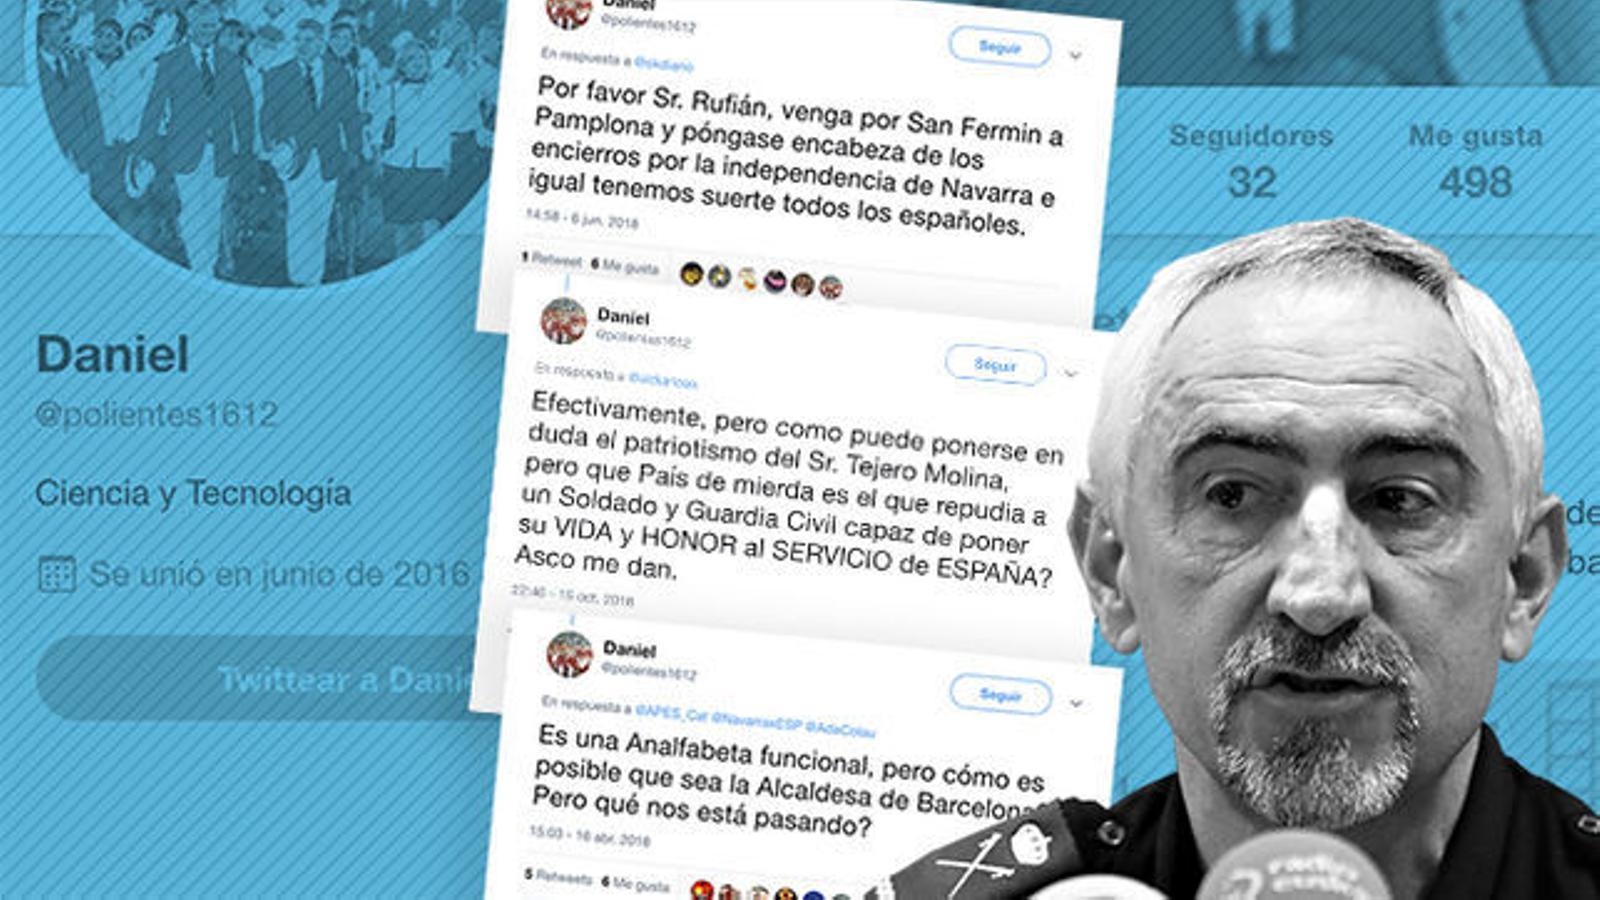 El cap de la Policia Nacional de Navarra insulta polítics d'esquerres i nacionalistes amb un compte secret de Twitter